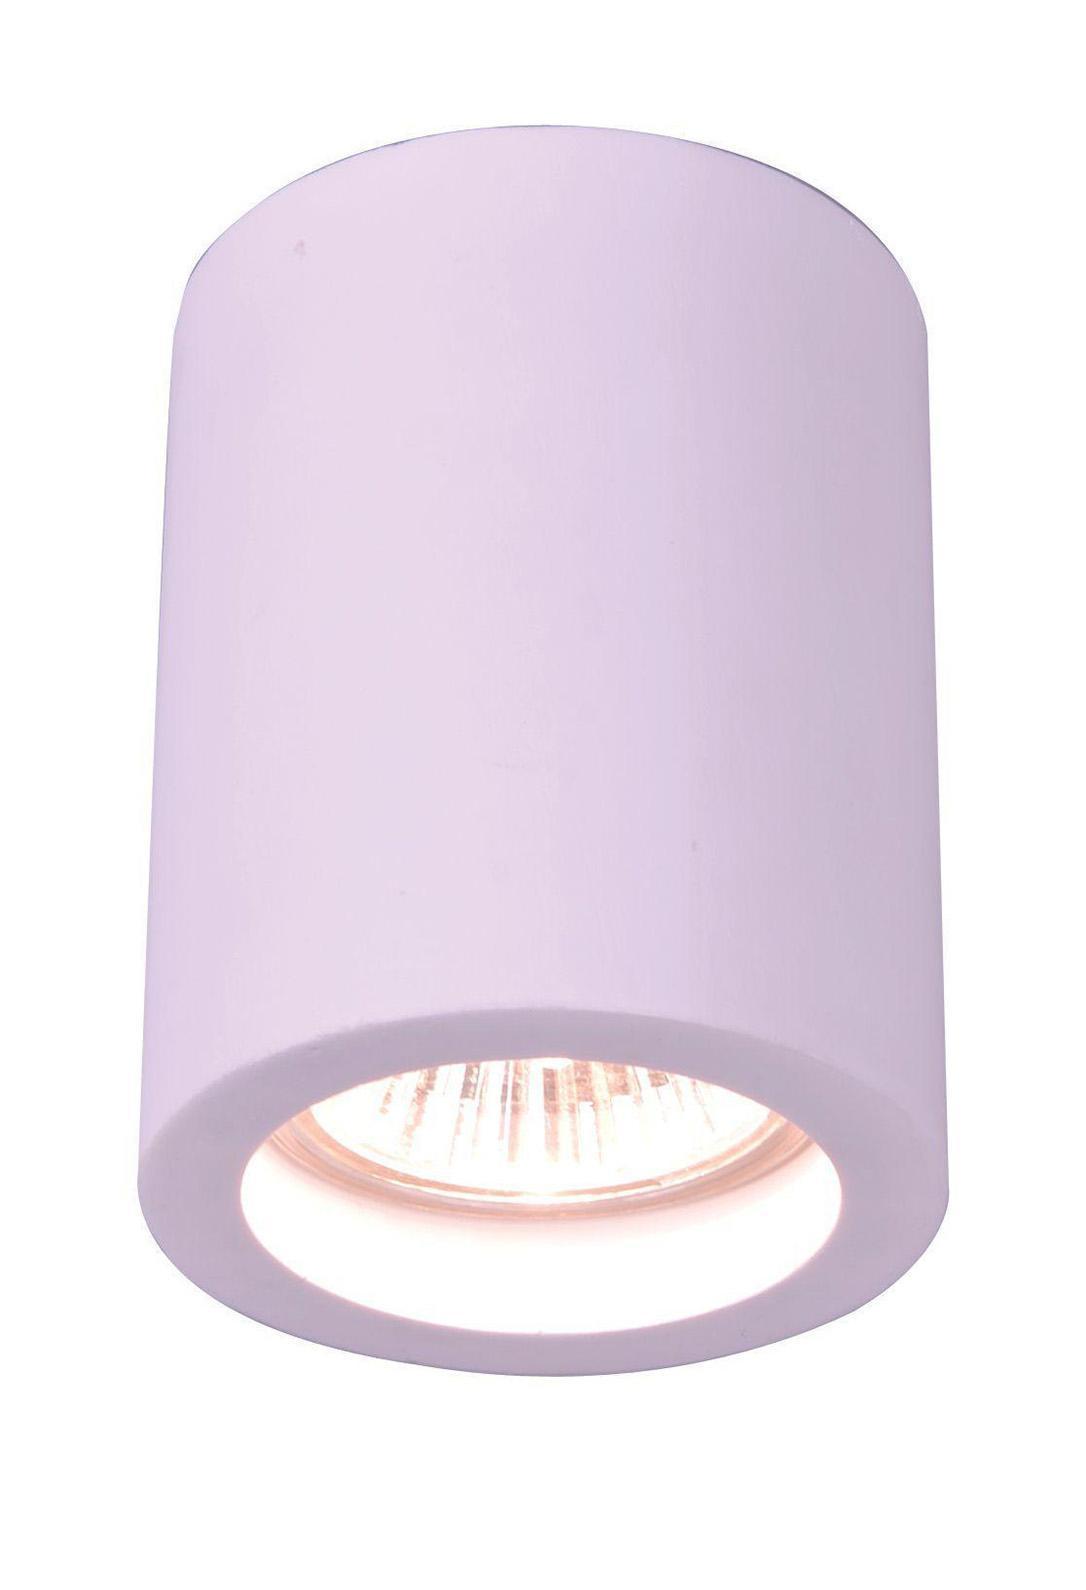 Светильник встраиваемый Arte lamp A9260pl-1wh arte lamp встраиваемый декоративный светильник arte lamp tubo a9260pl 1wh